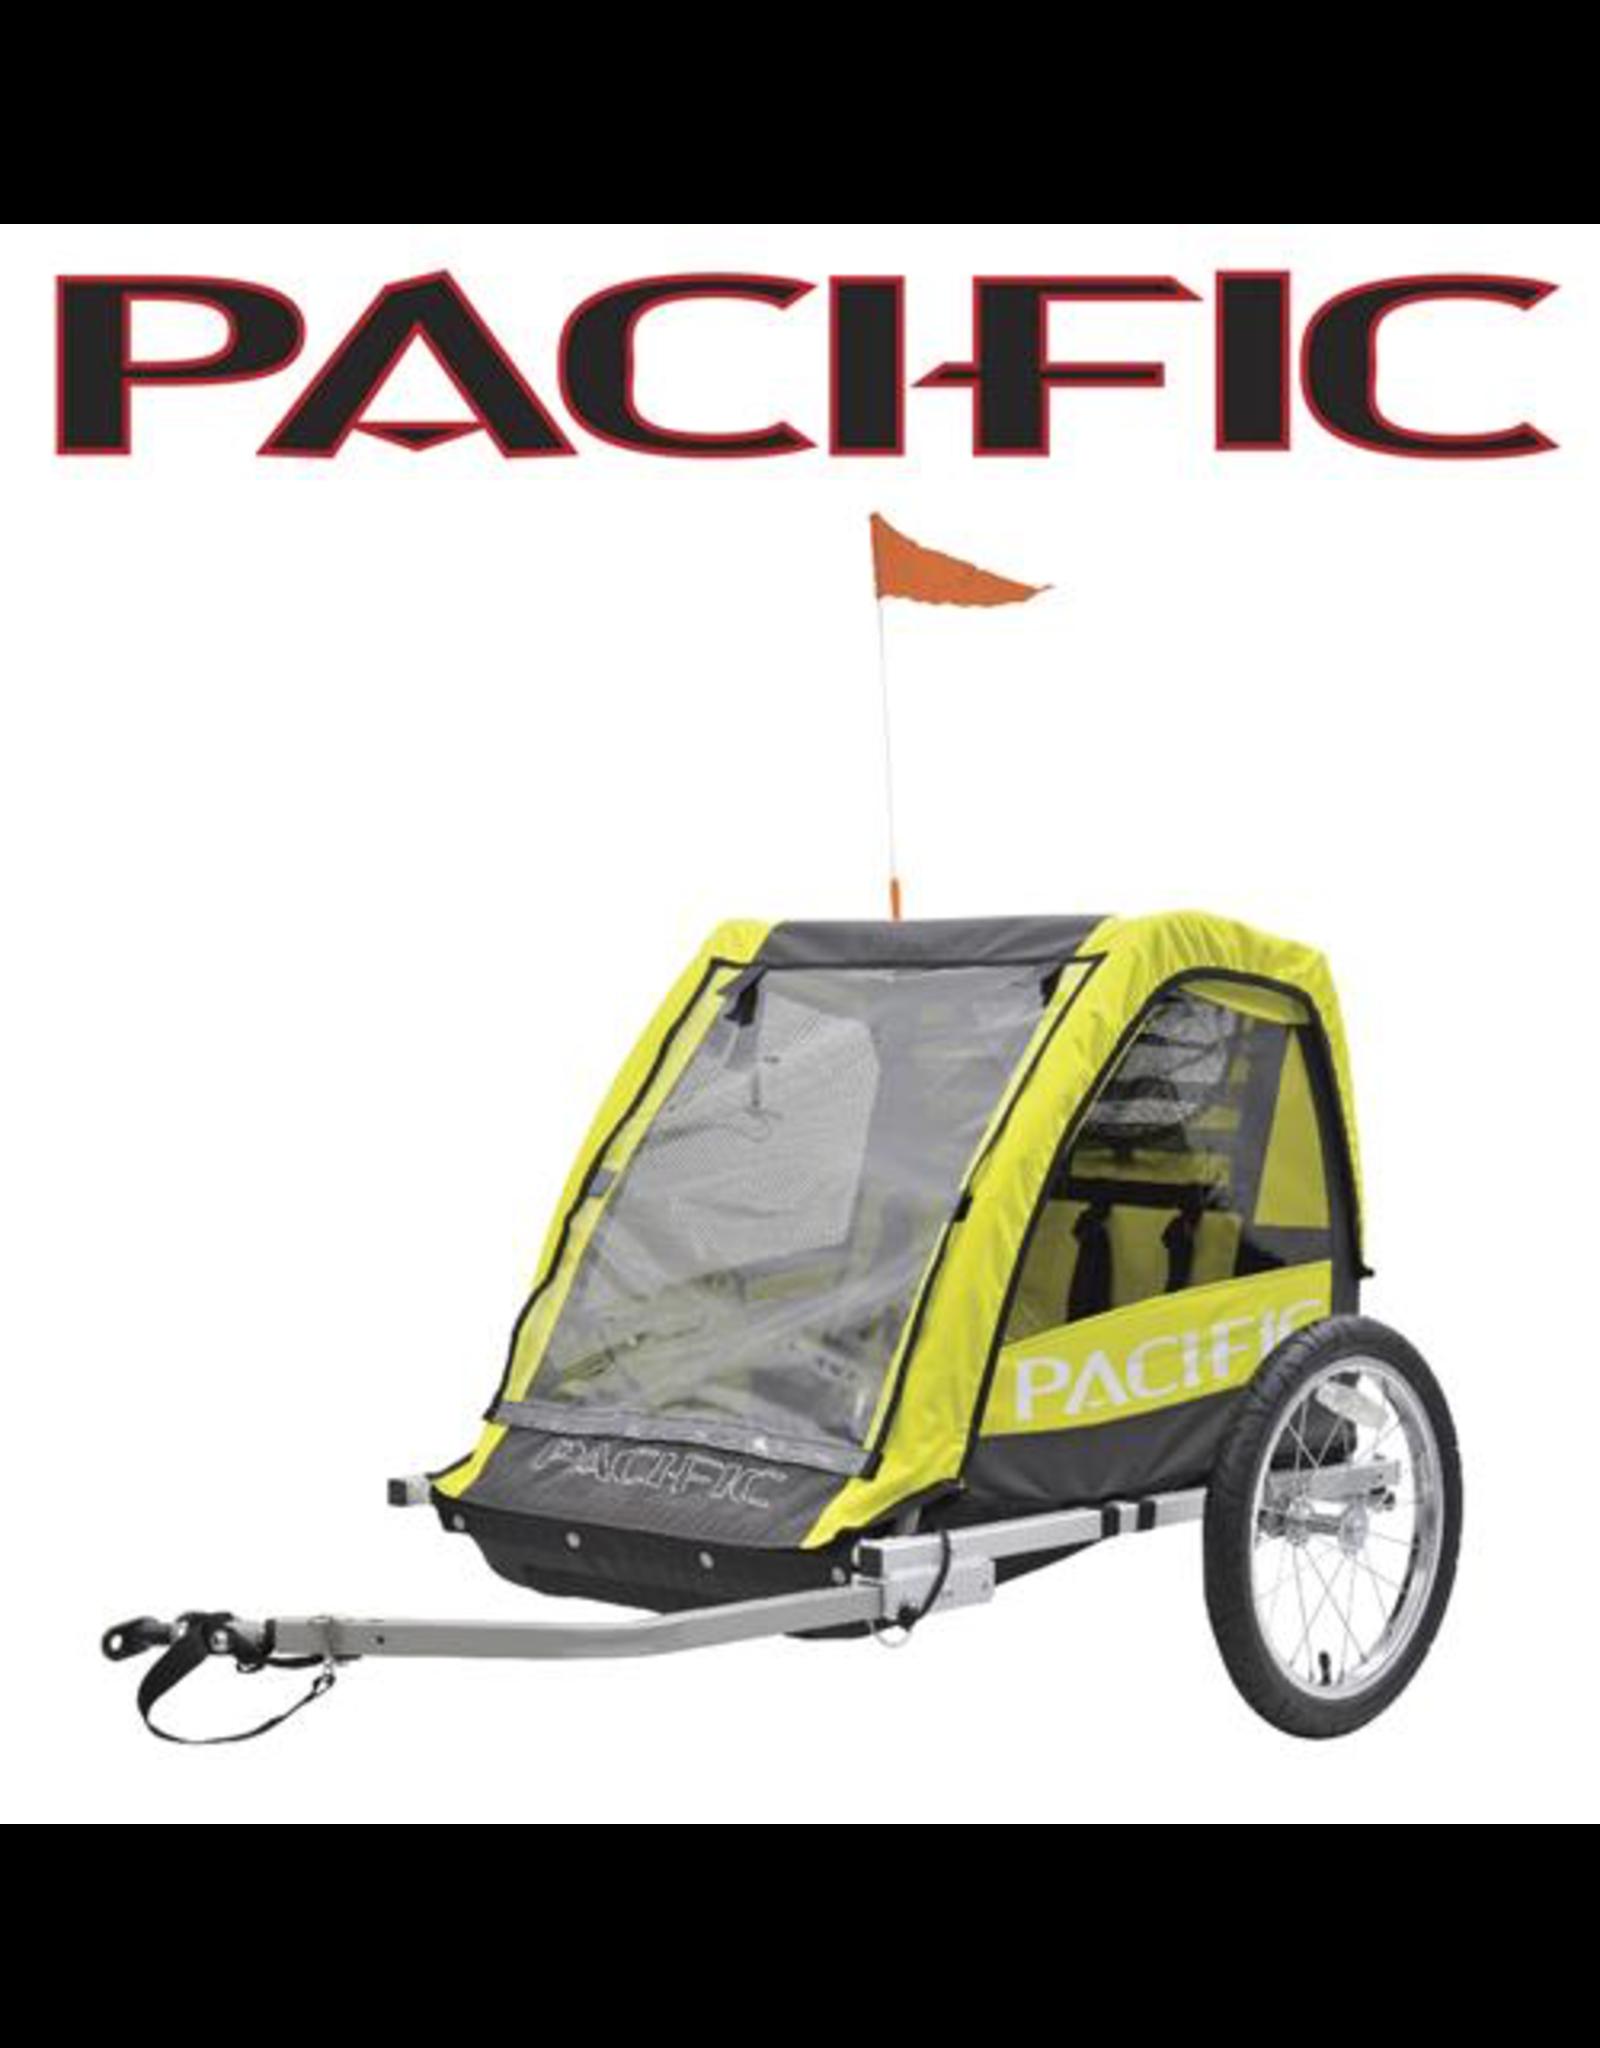 Pacific TRAILER PACIFIC 2 CHILD TRAILER